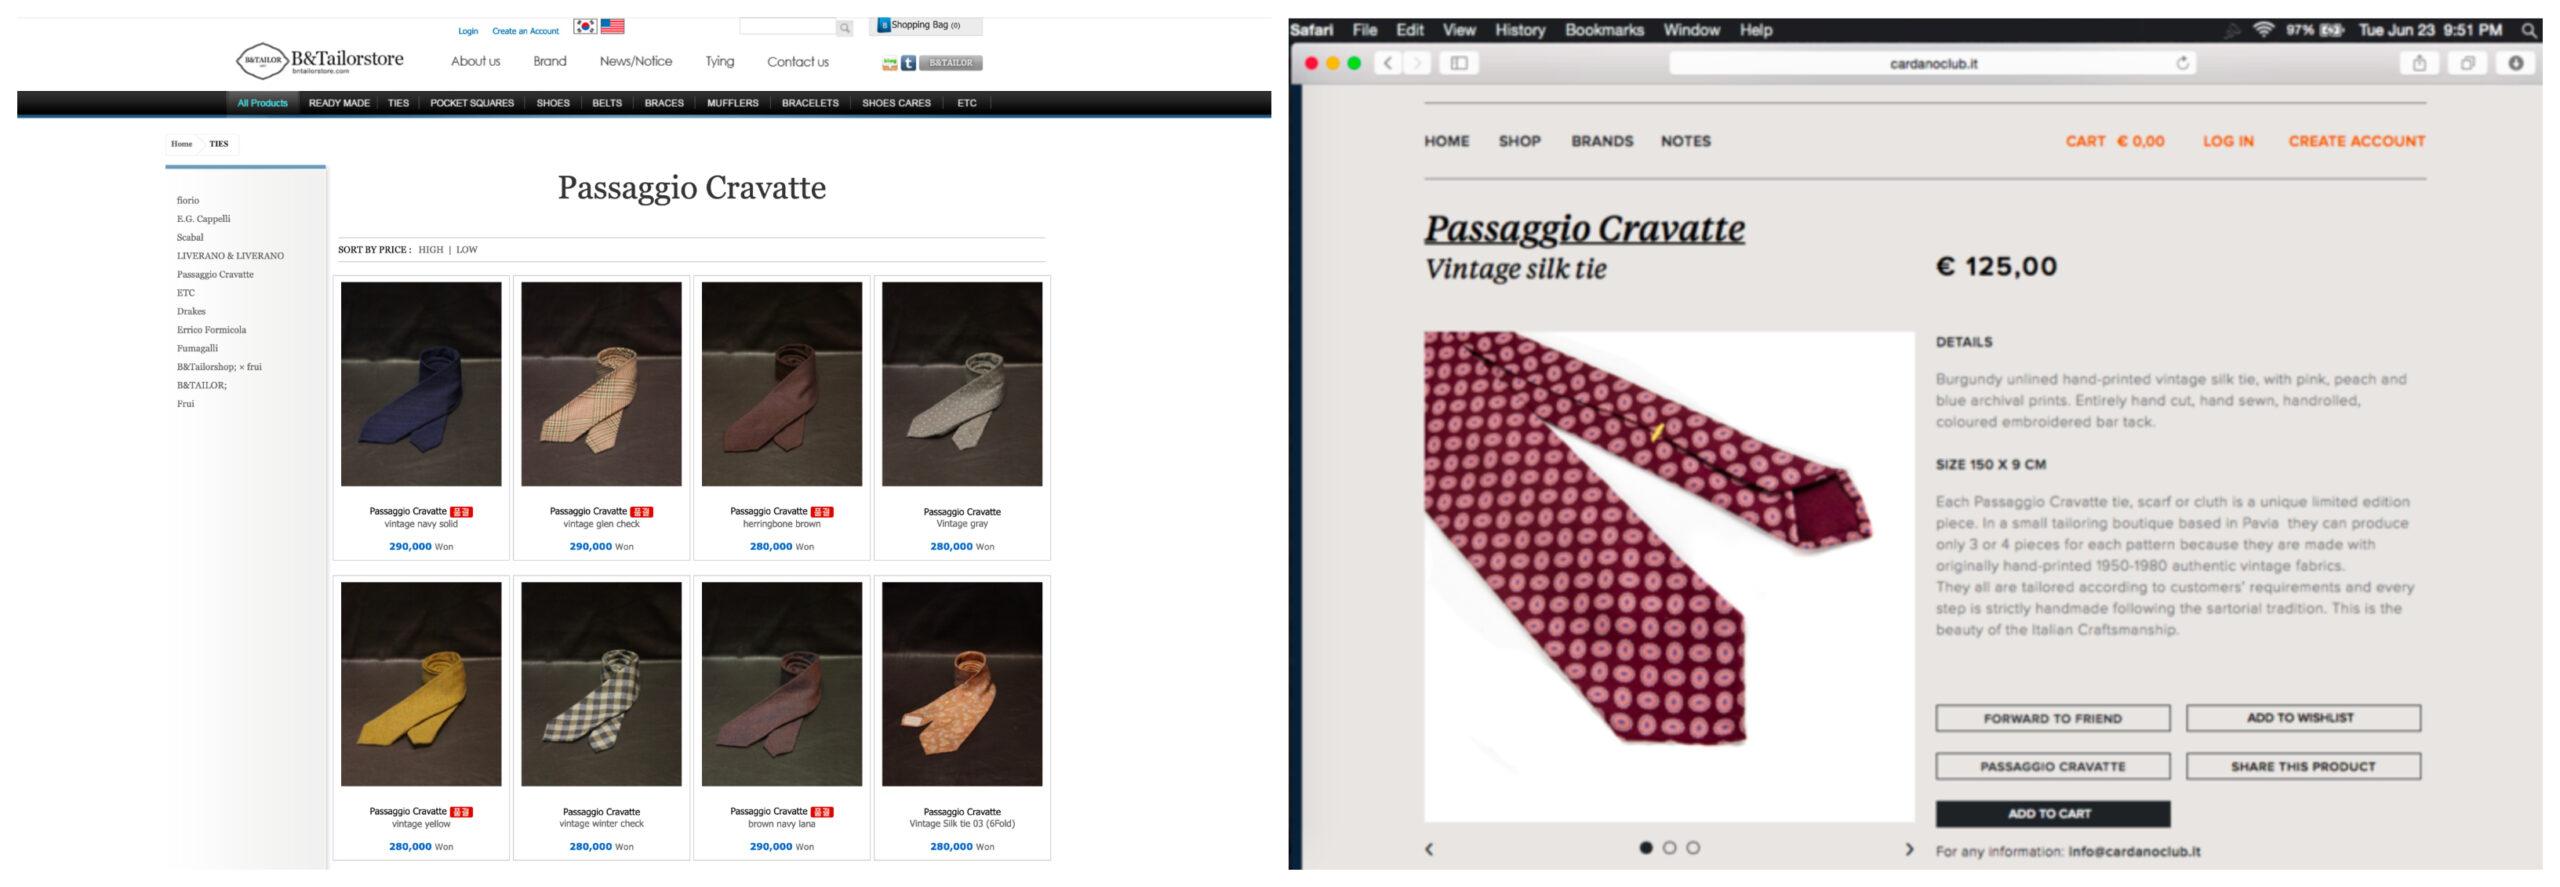 Des cravates Passaggio prétendument bespoke en vente chez B&Tailor et d'autres revendeurs. Merde, la nouvelle référence mondiale de la cravate sur mesure quand même…. (Source: Dressedwell)